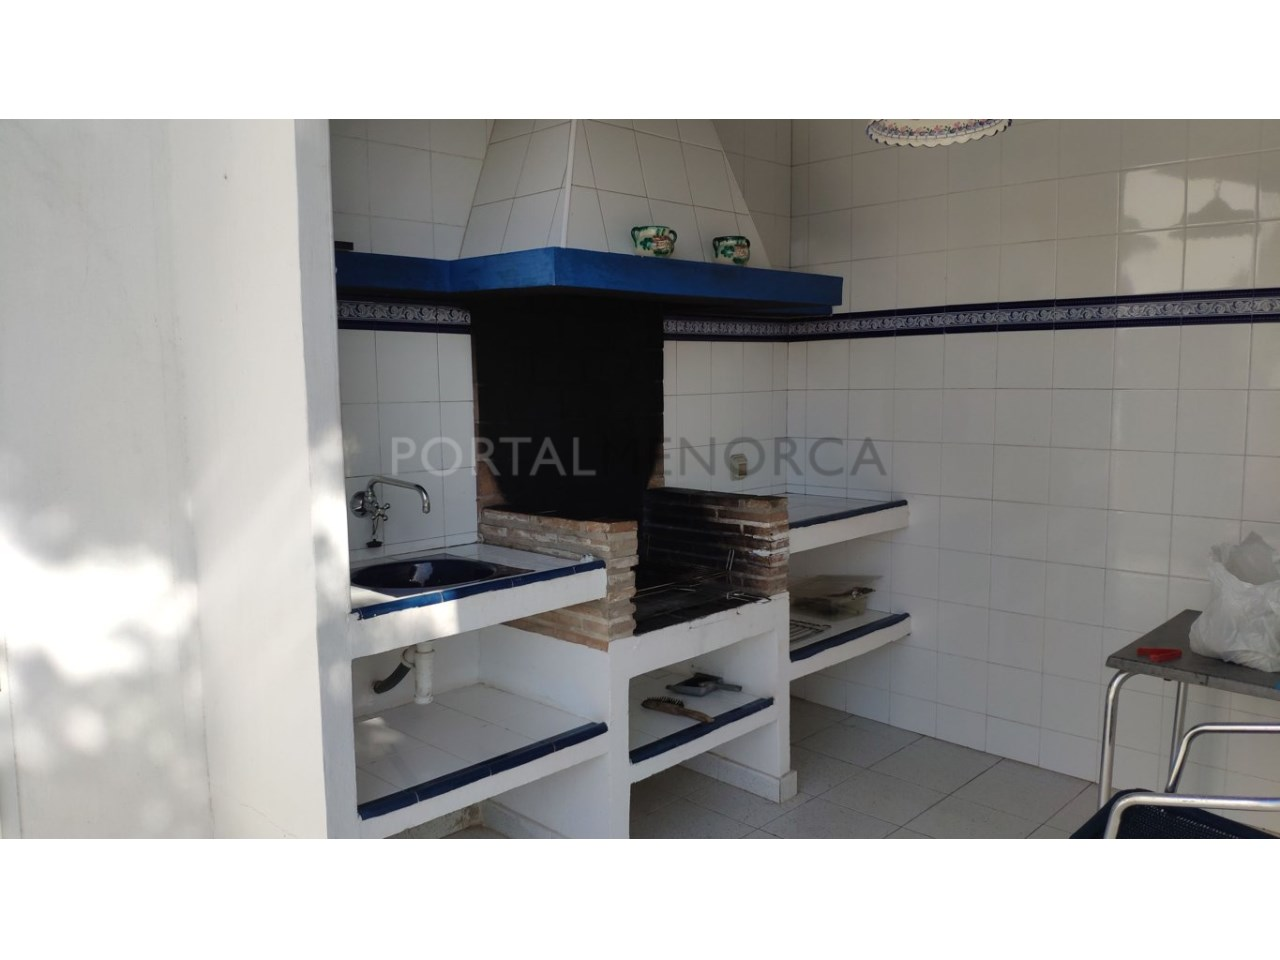 Chalet en venta en Calan Blanes con licencia turística Ciutadella Menorca - barbacoa